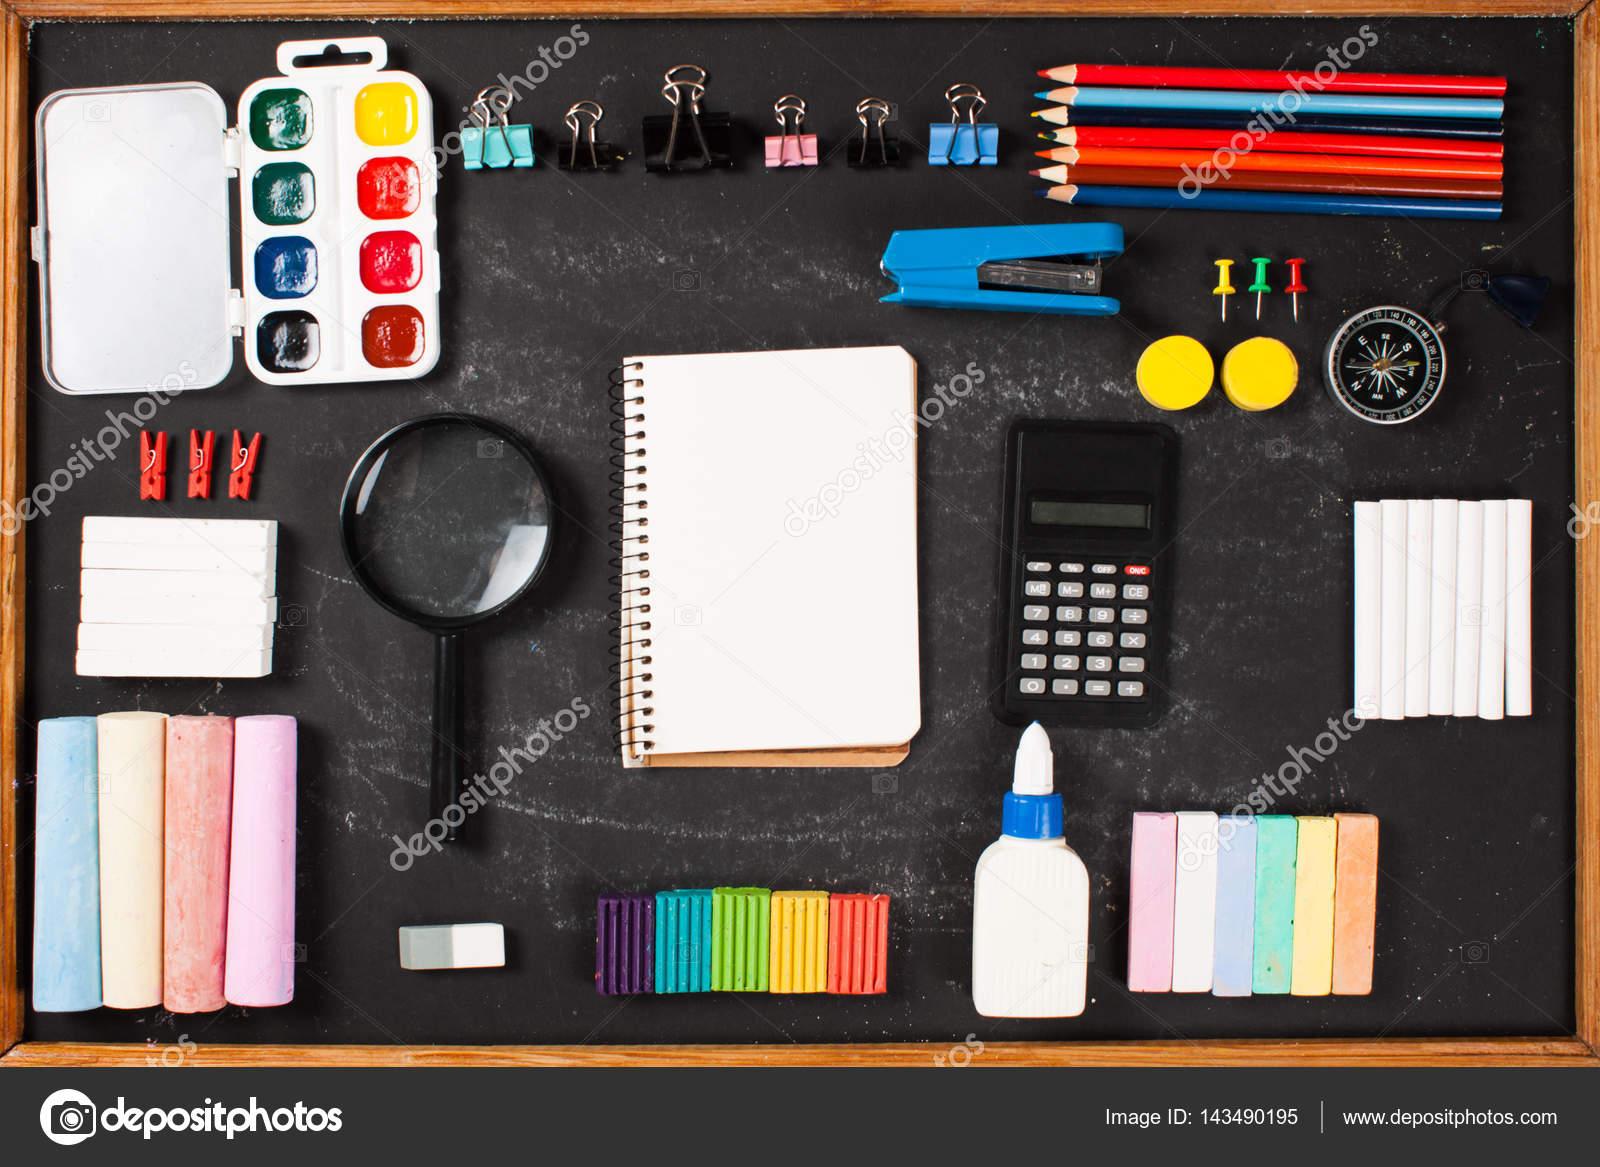 Briefpapier auf Brettern — Stockfoto © Arybickii #143490195